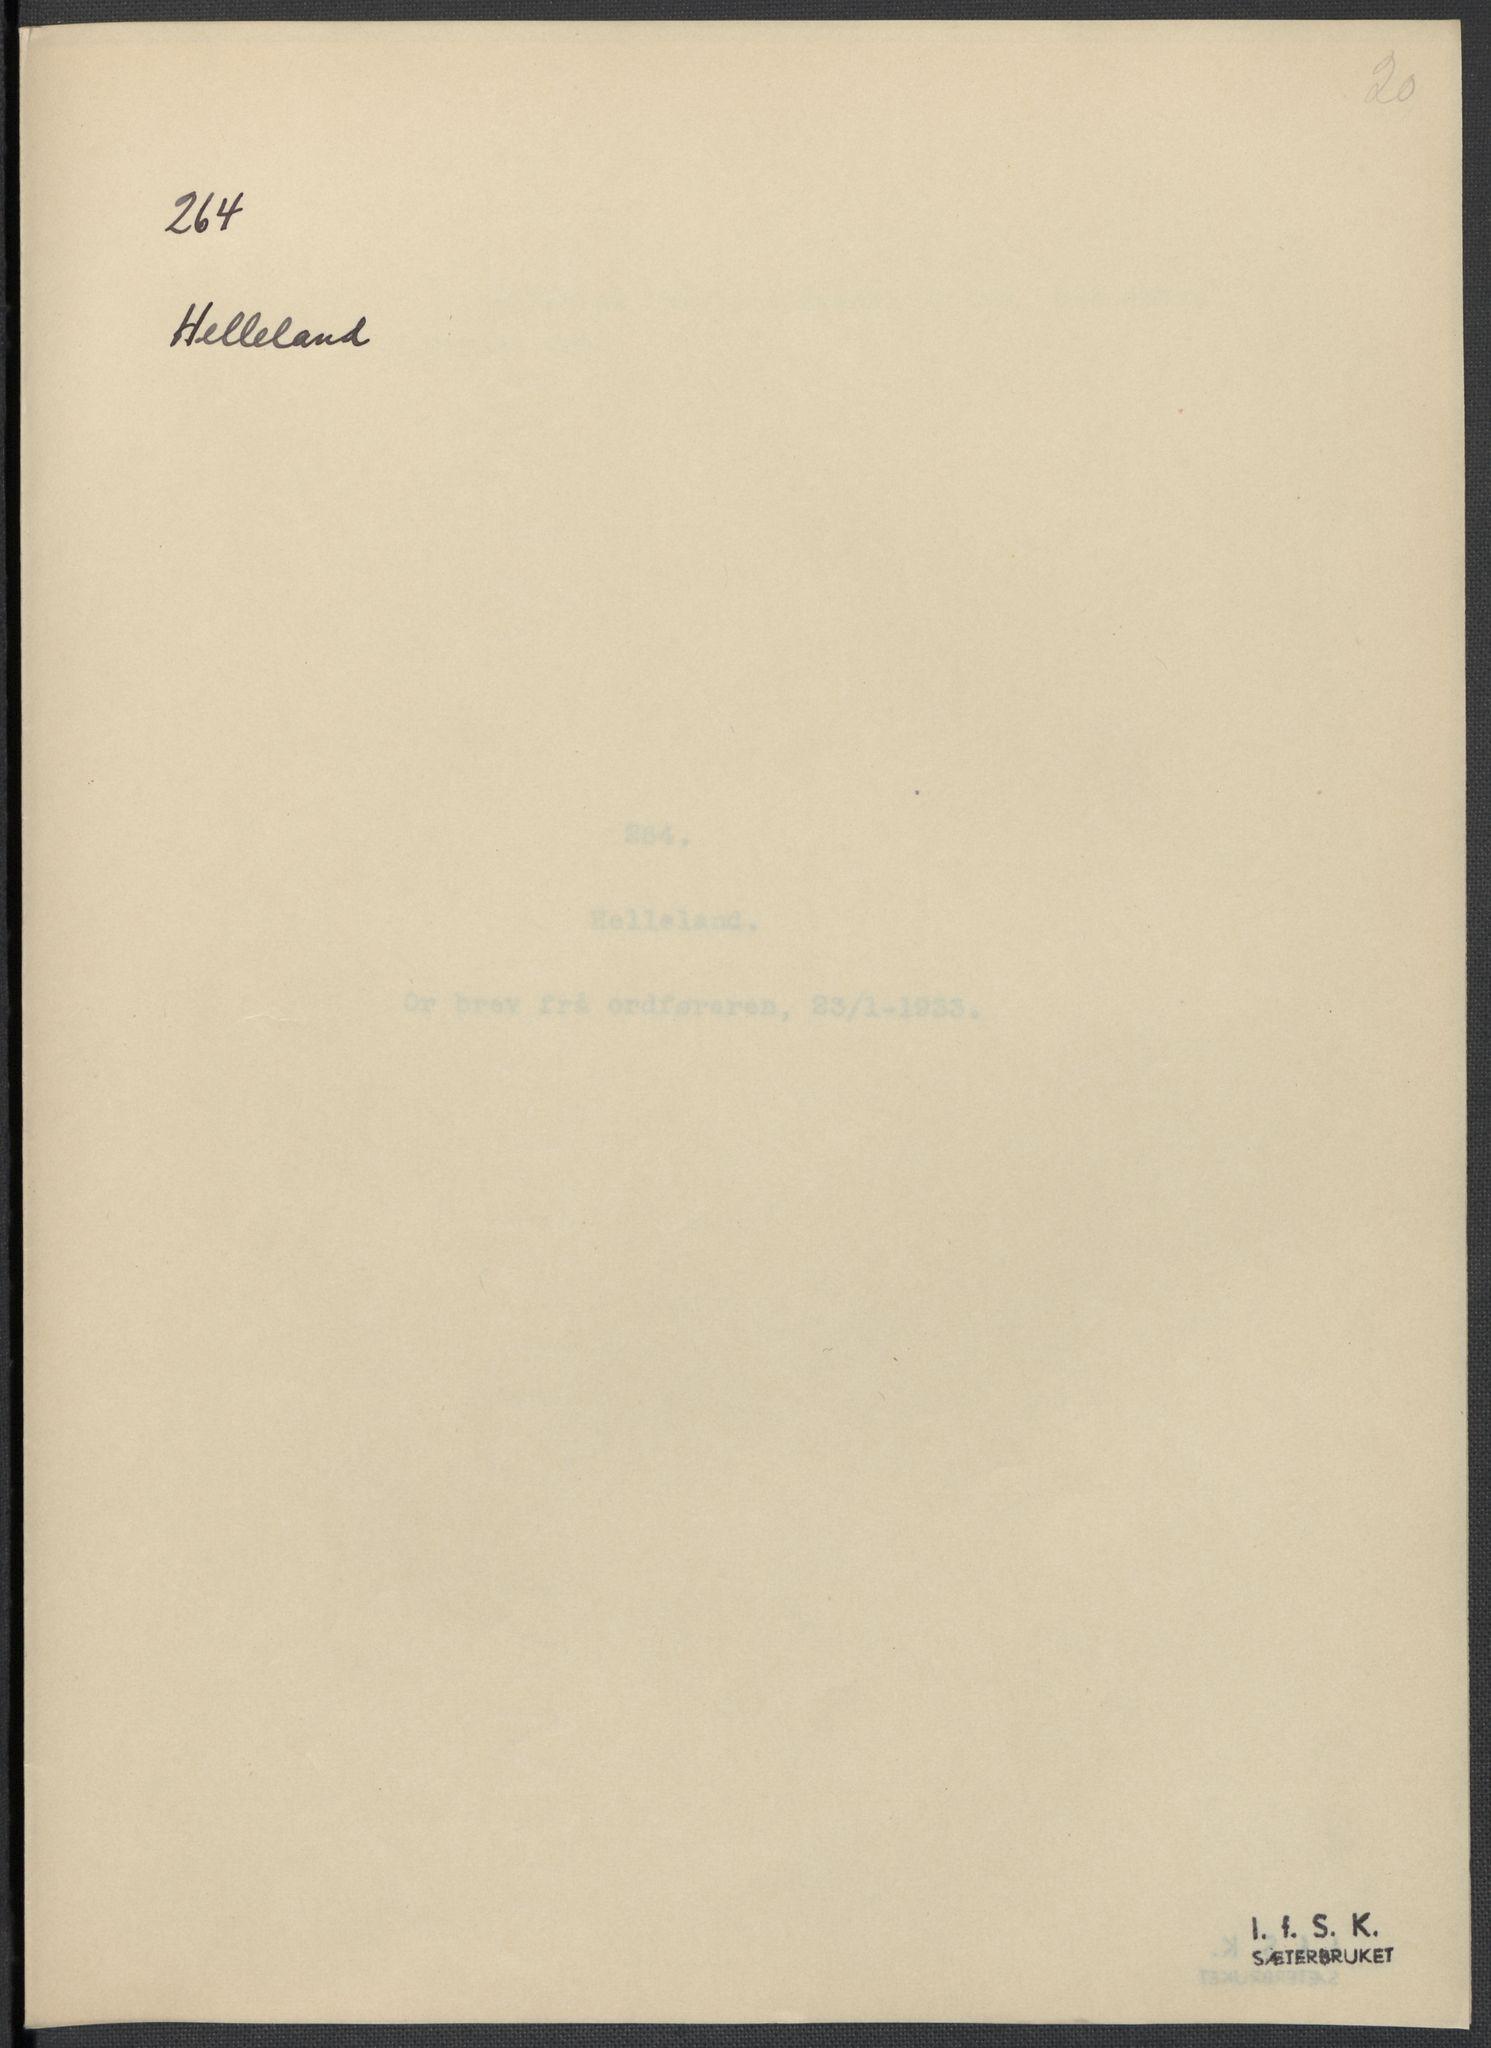 RA, Instituttet for sammenlignende kulturforskning, F/Fc/L0009: Eske B9:, 1932-1935, s. 20